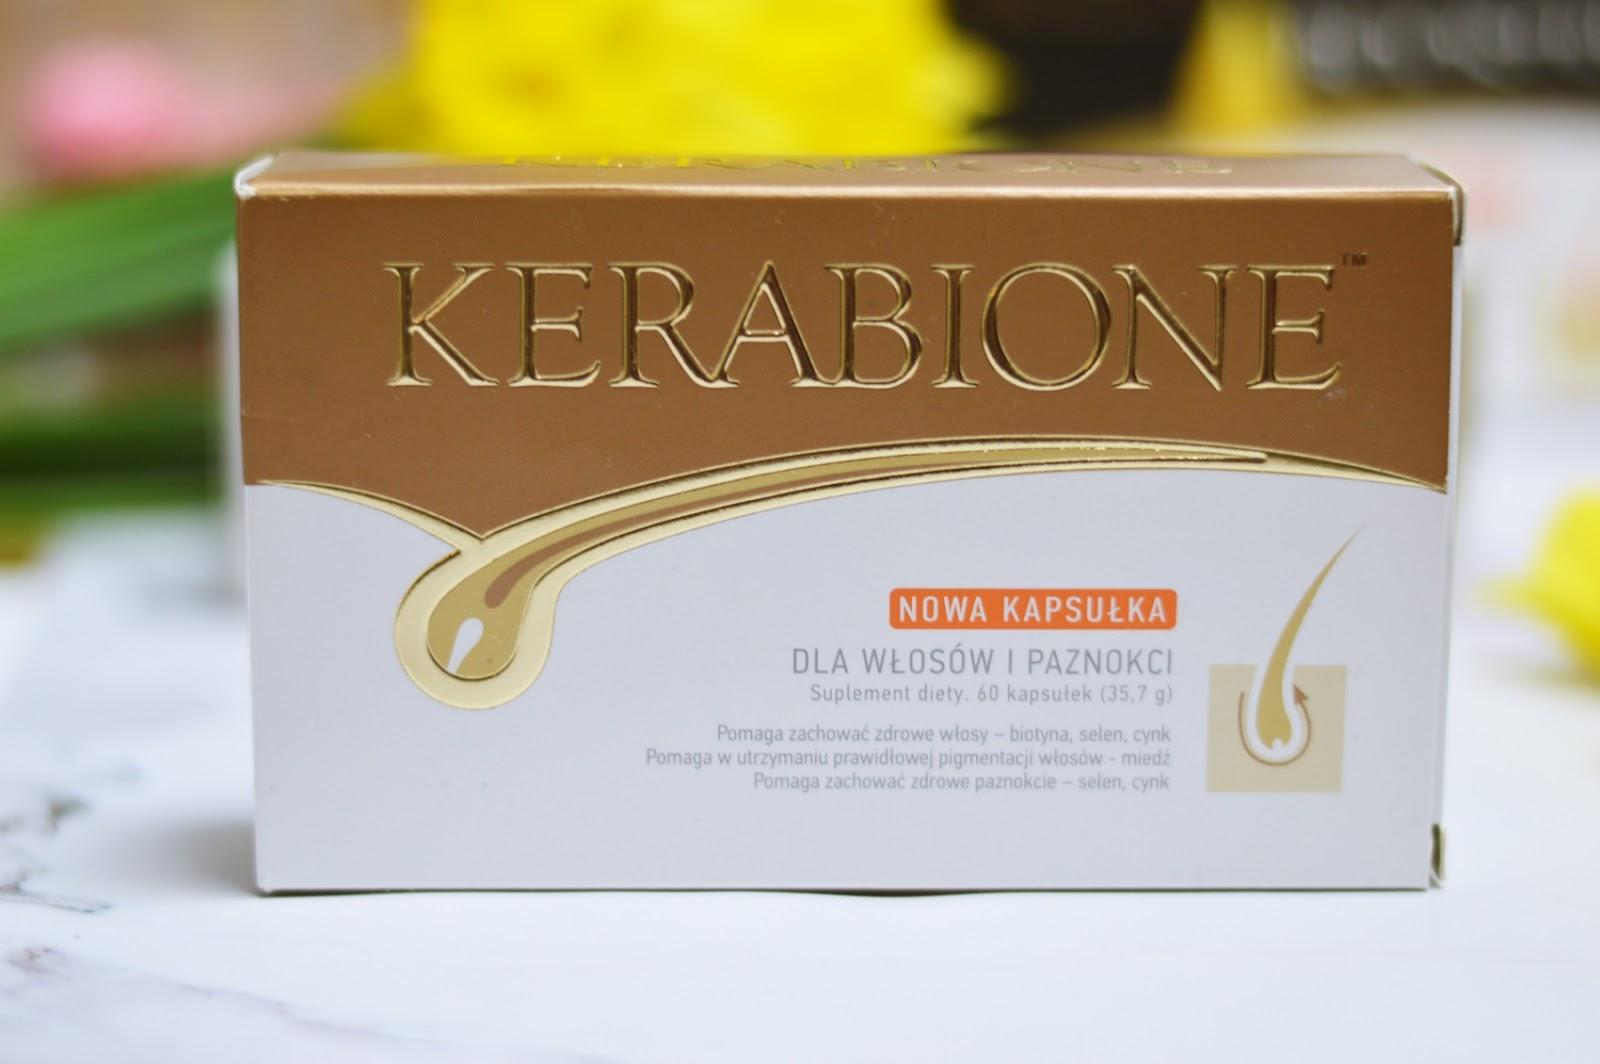 Kerabione - suplement diety